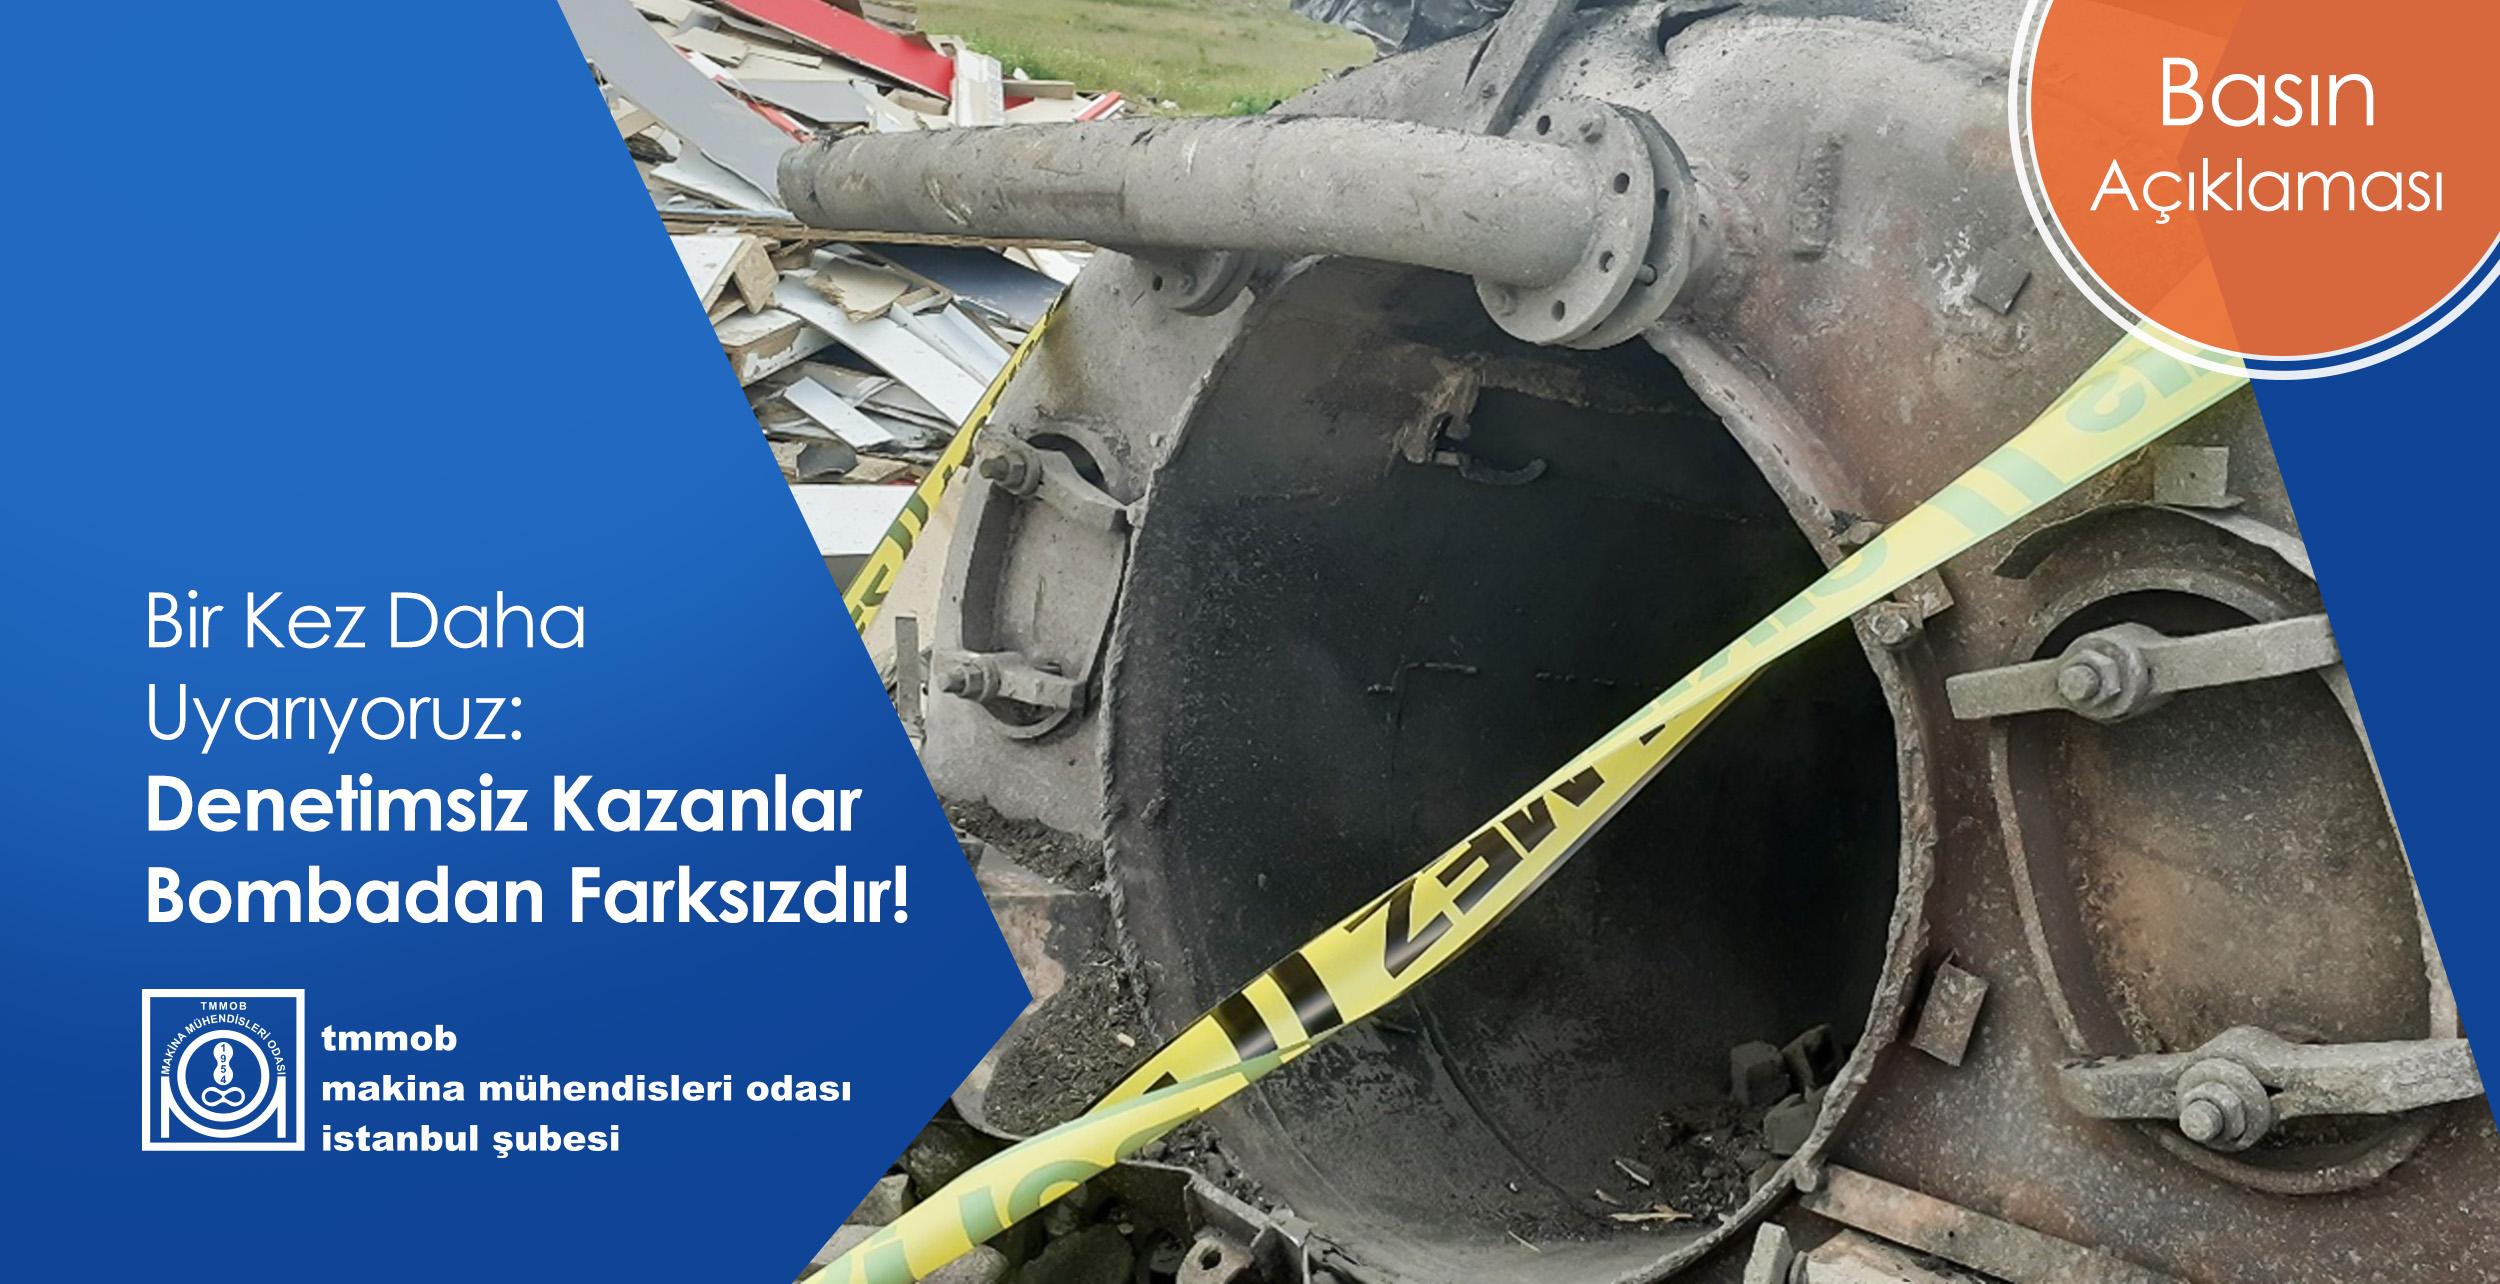 Bir Kez Daha Uyarıyoruz: Denetimsiz Kazanlar Bombadan Farksızdır!